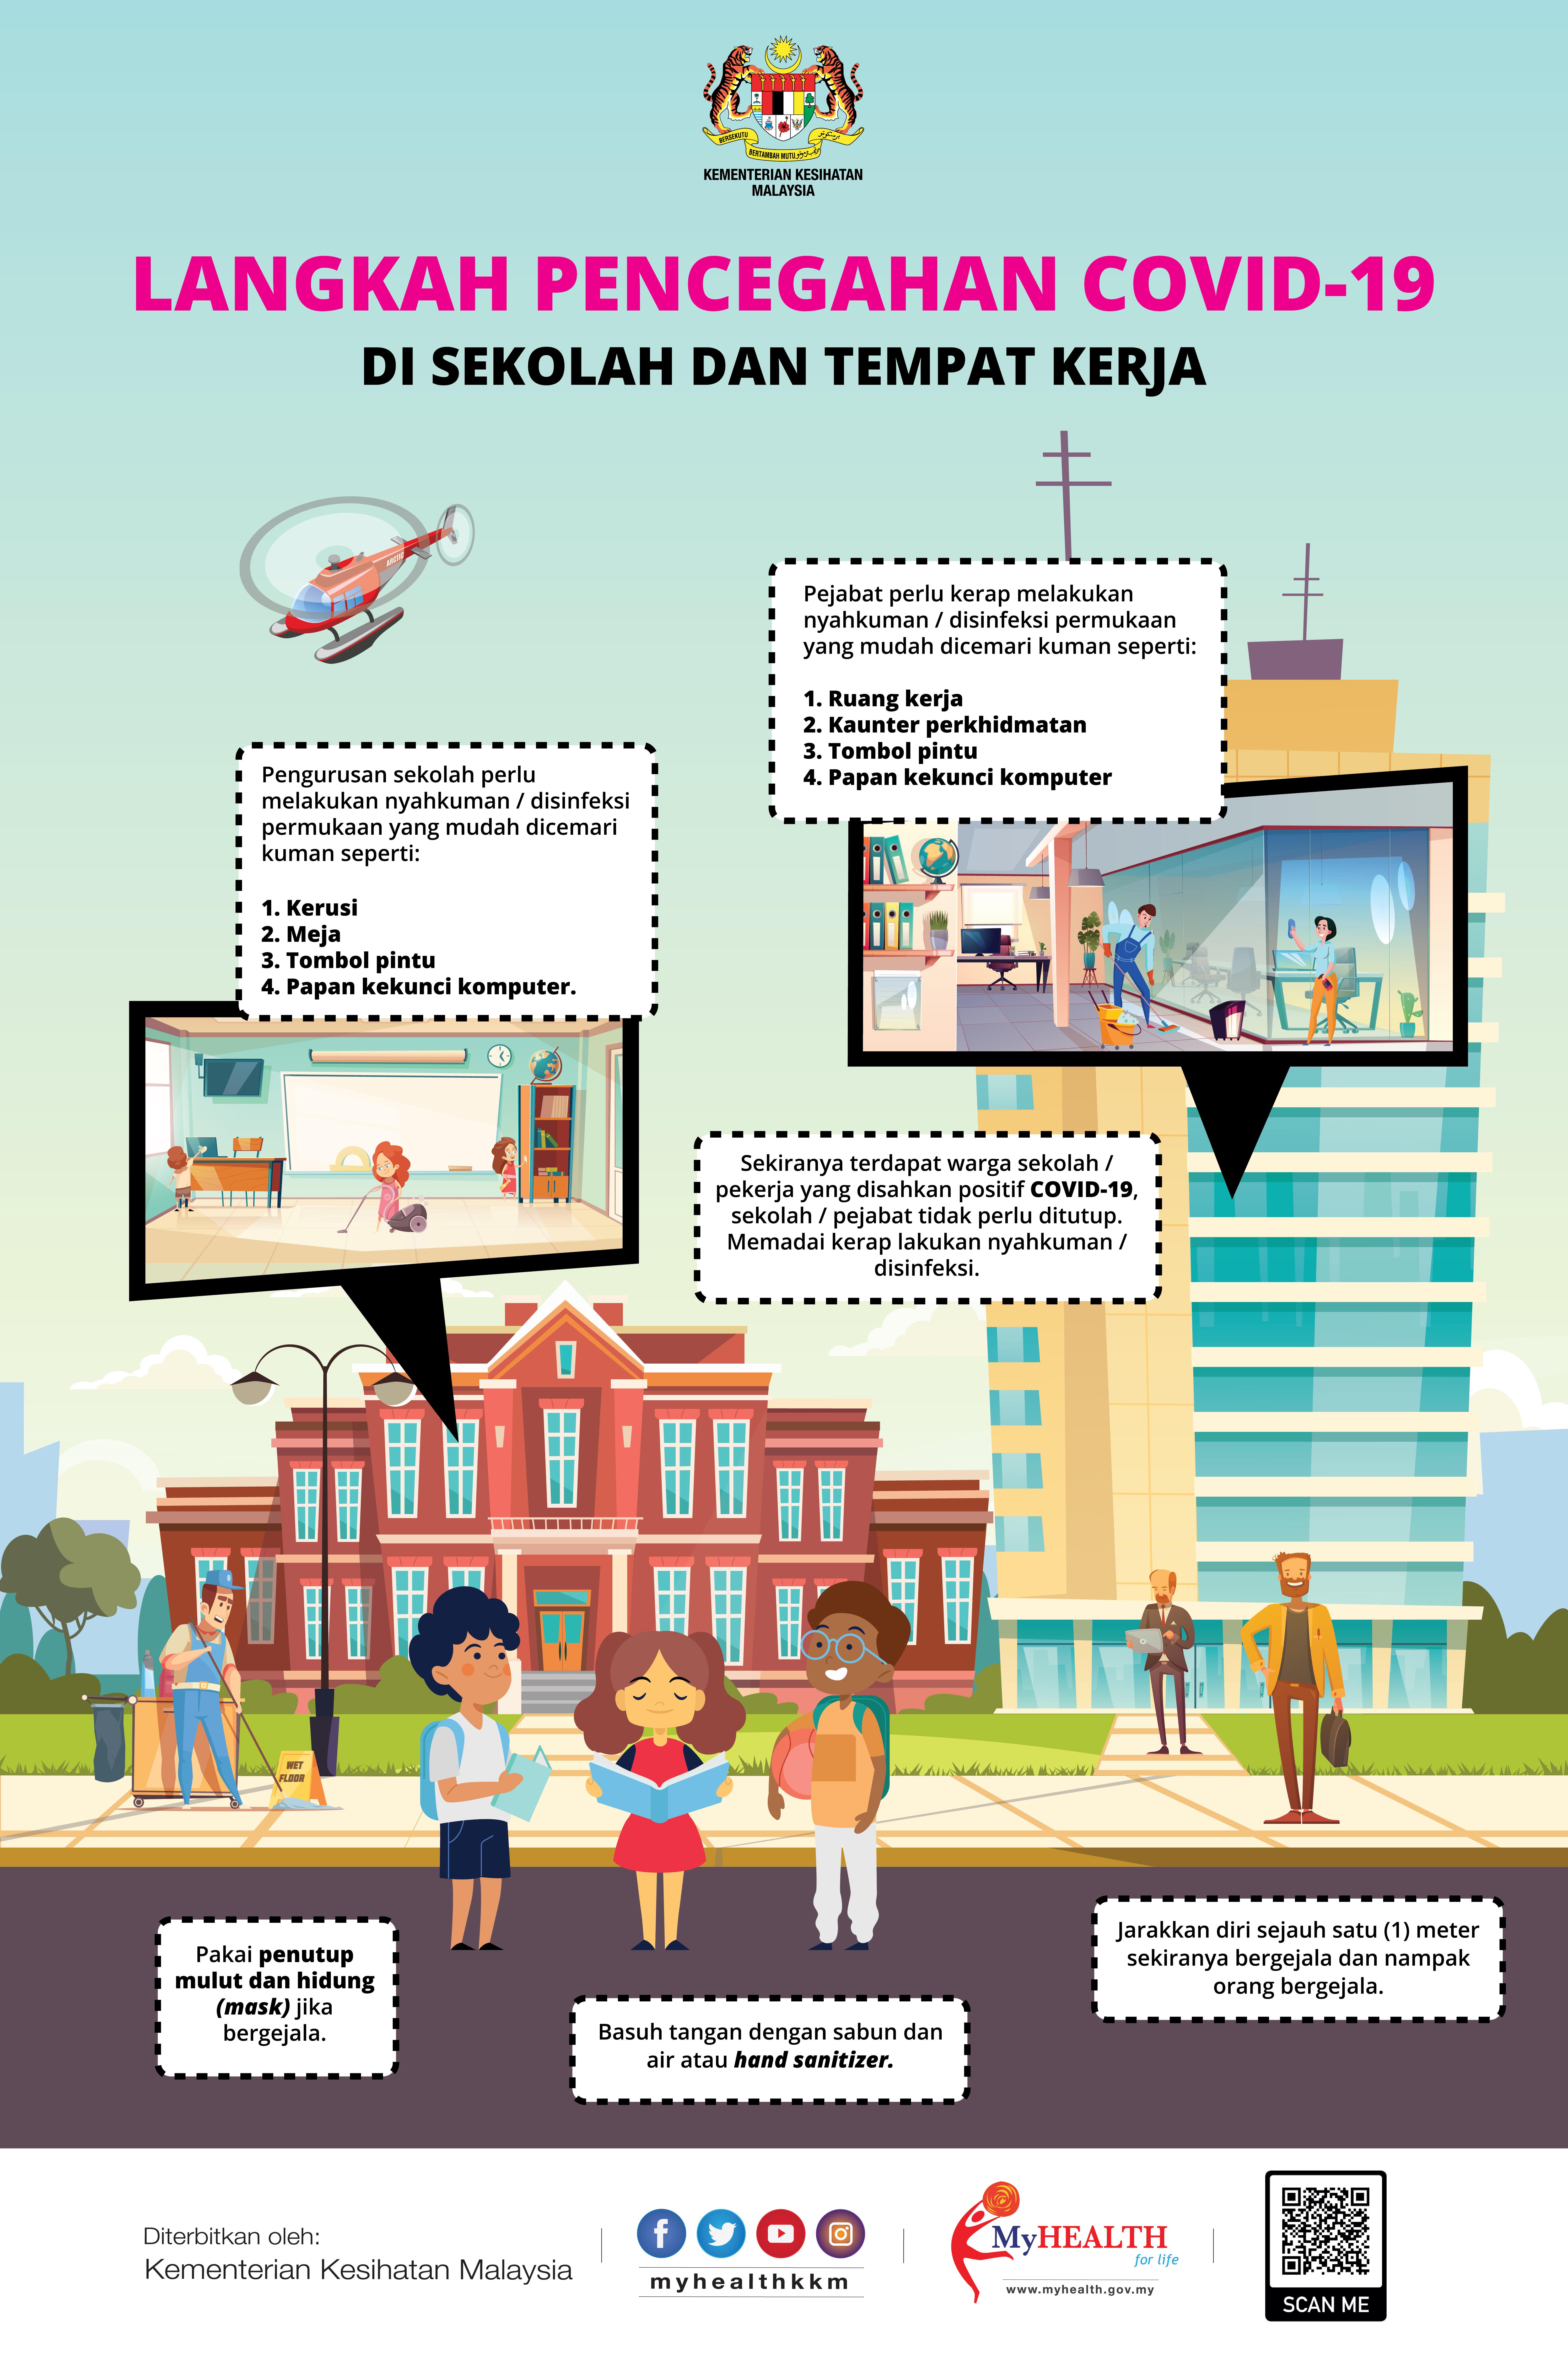 Langkah Pencegahan COVID 19 Di Sekolah & Tempat Kerja